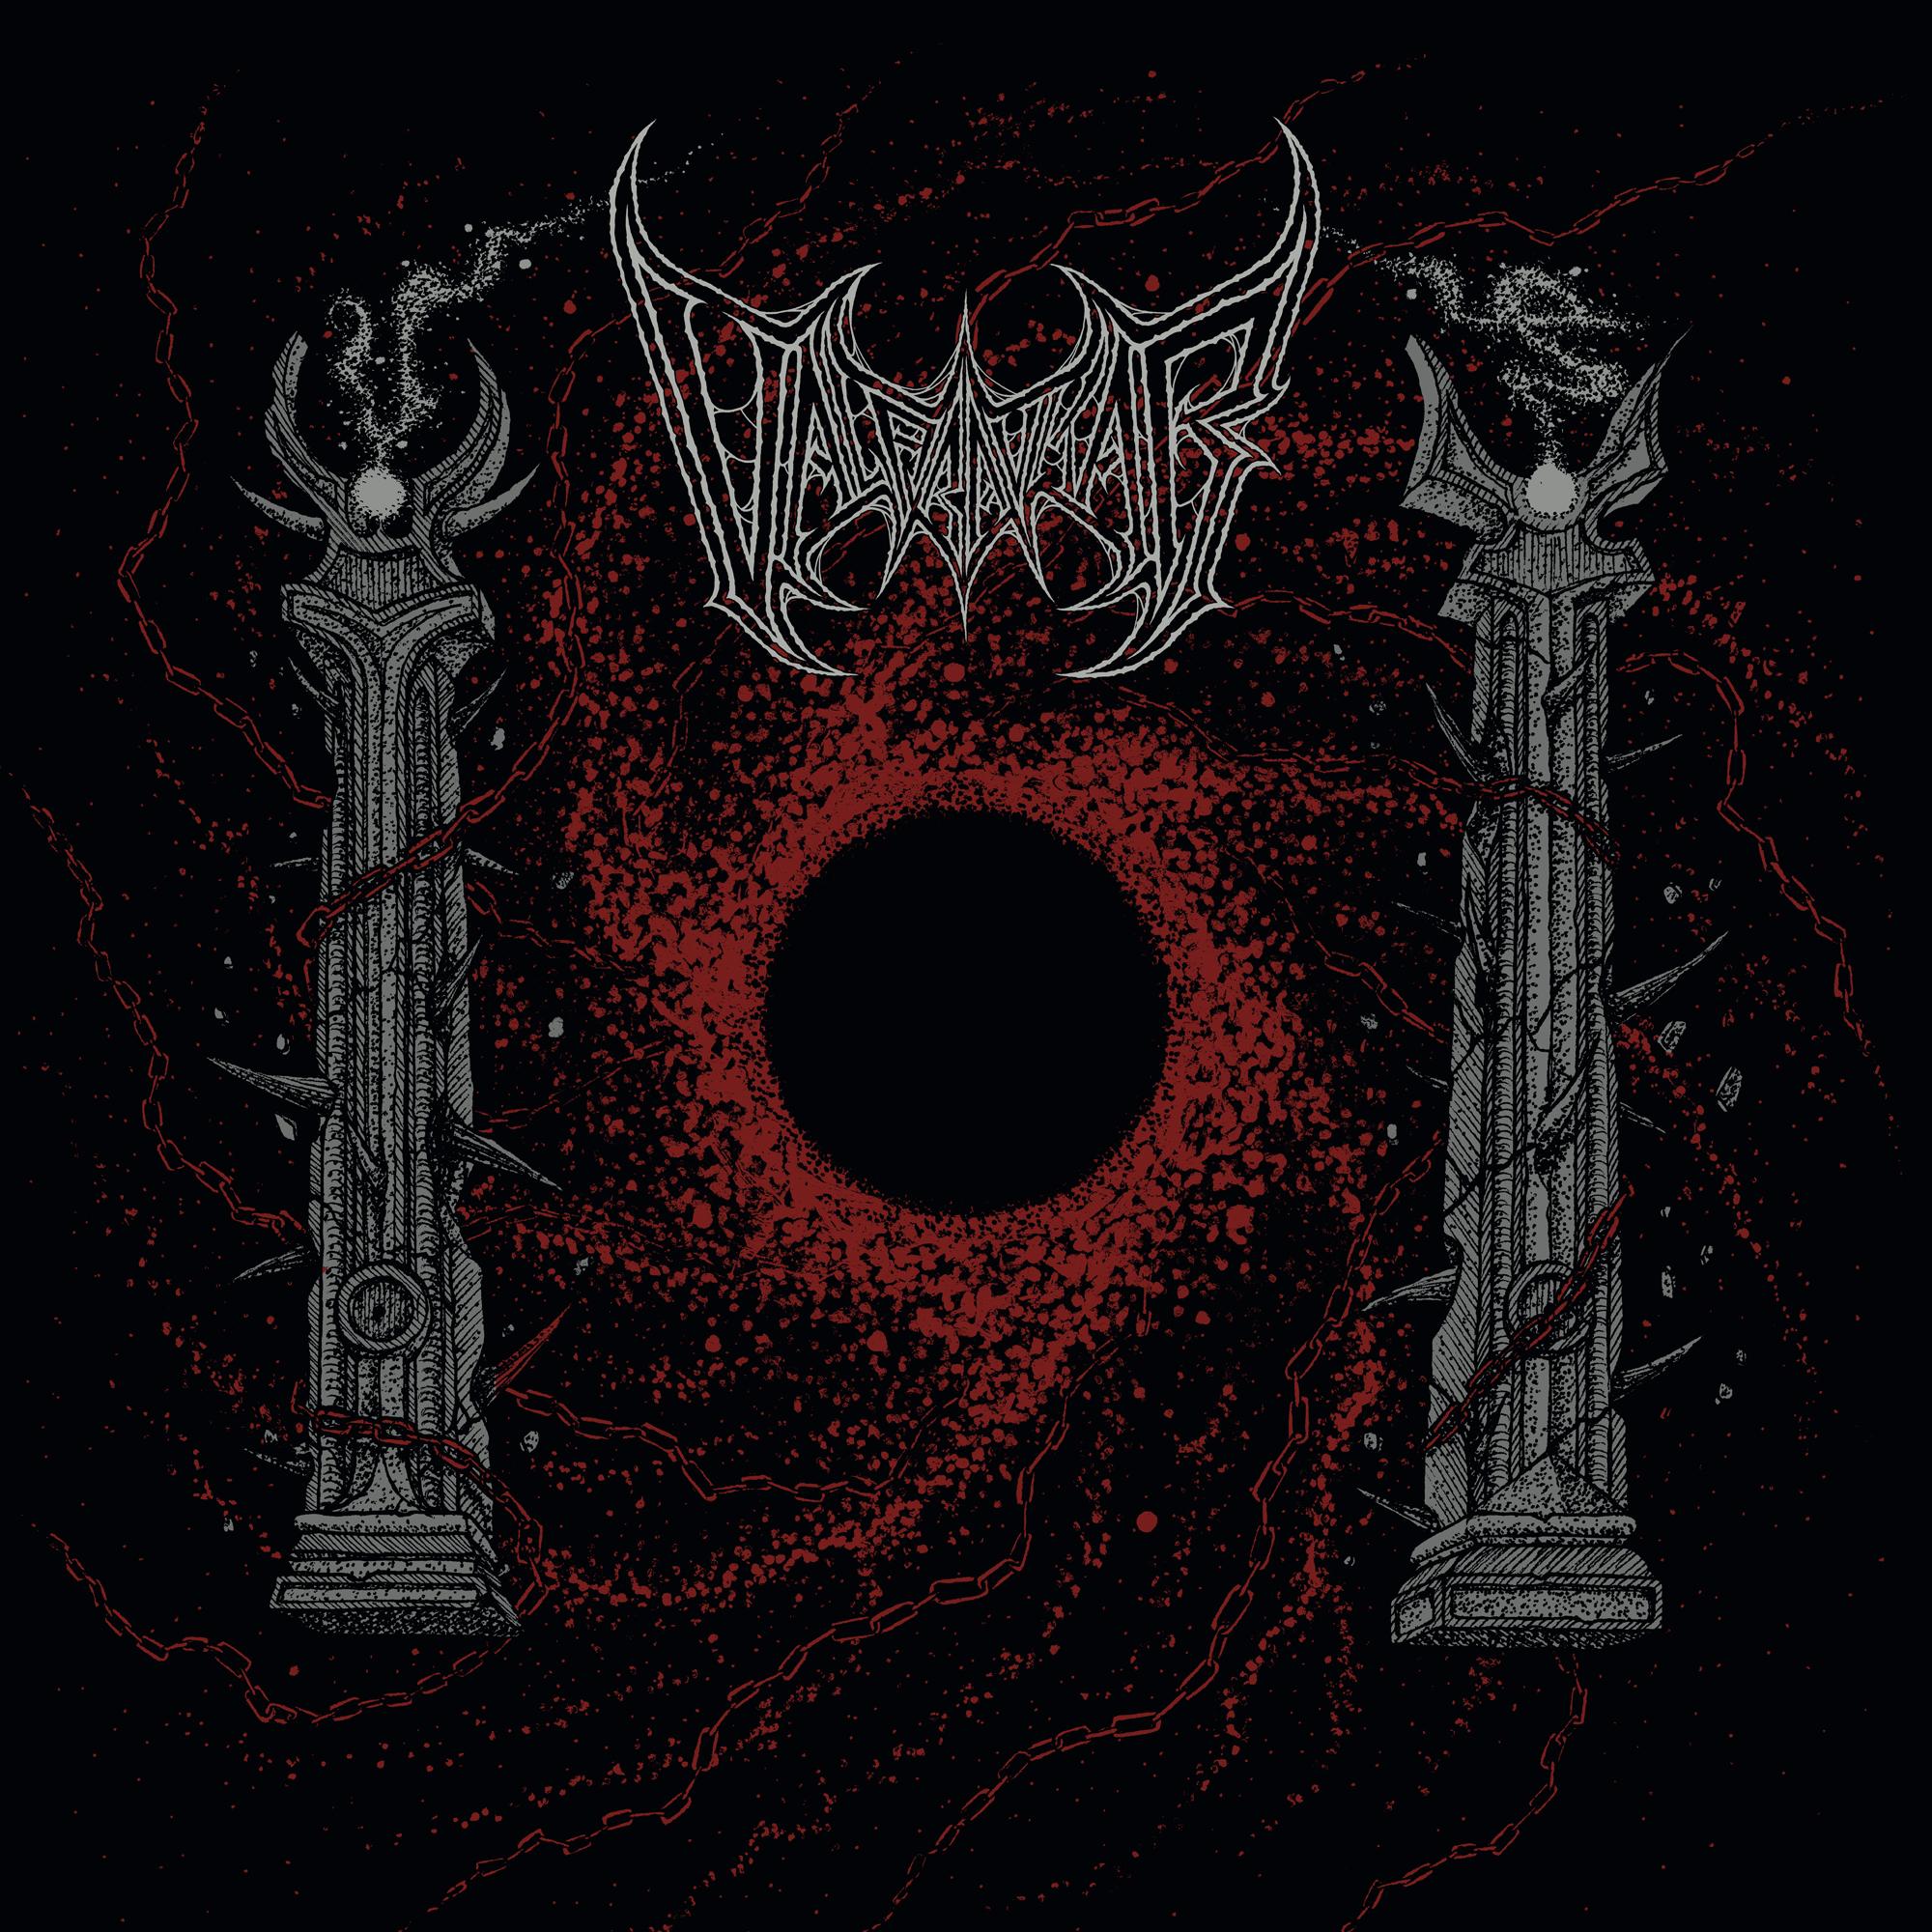 Valaraukar - Demonian Abyssal Visions 01